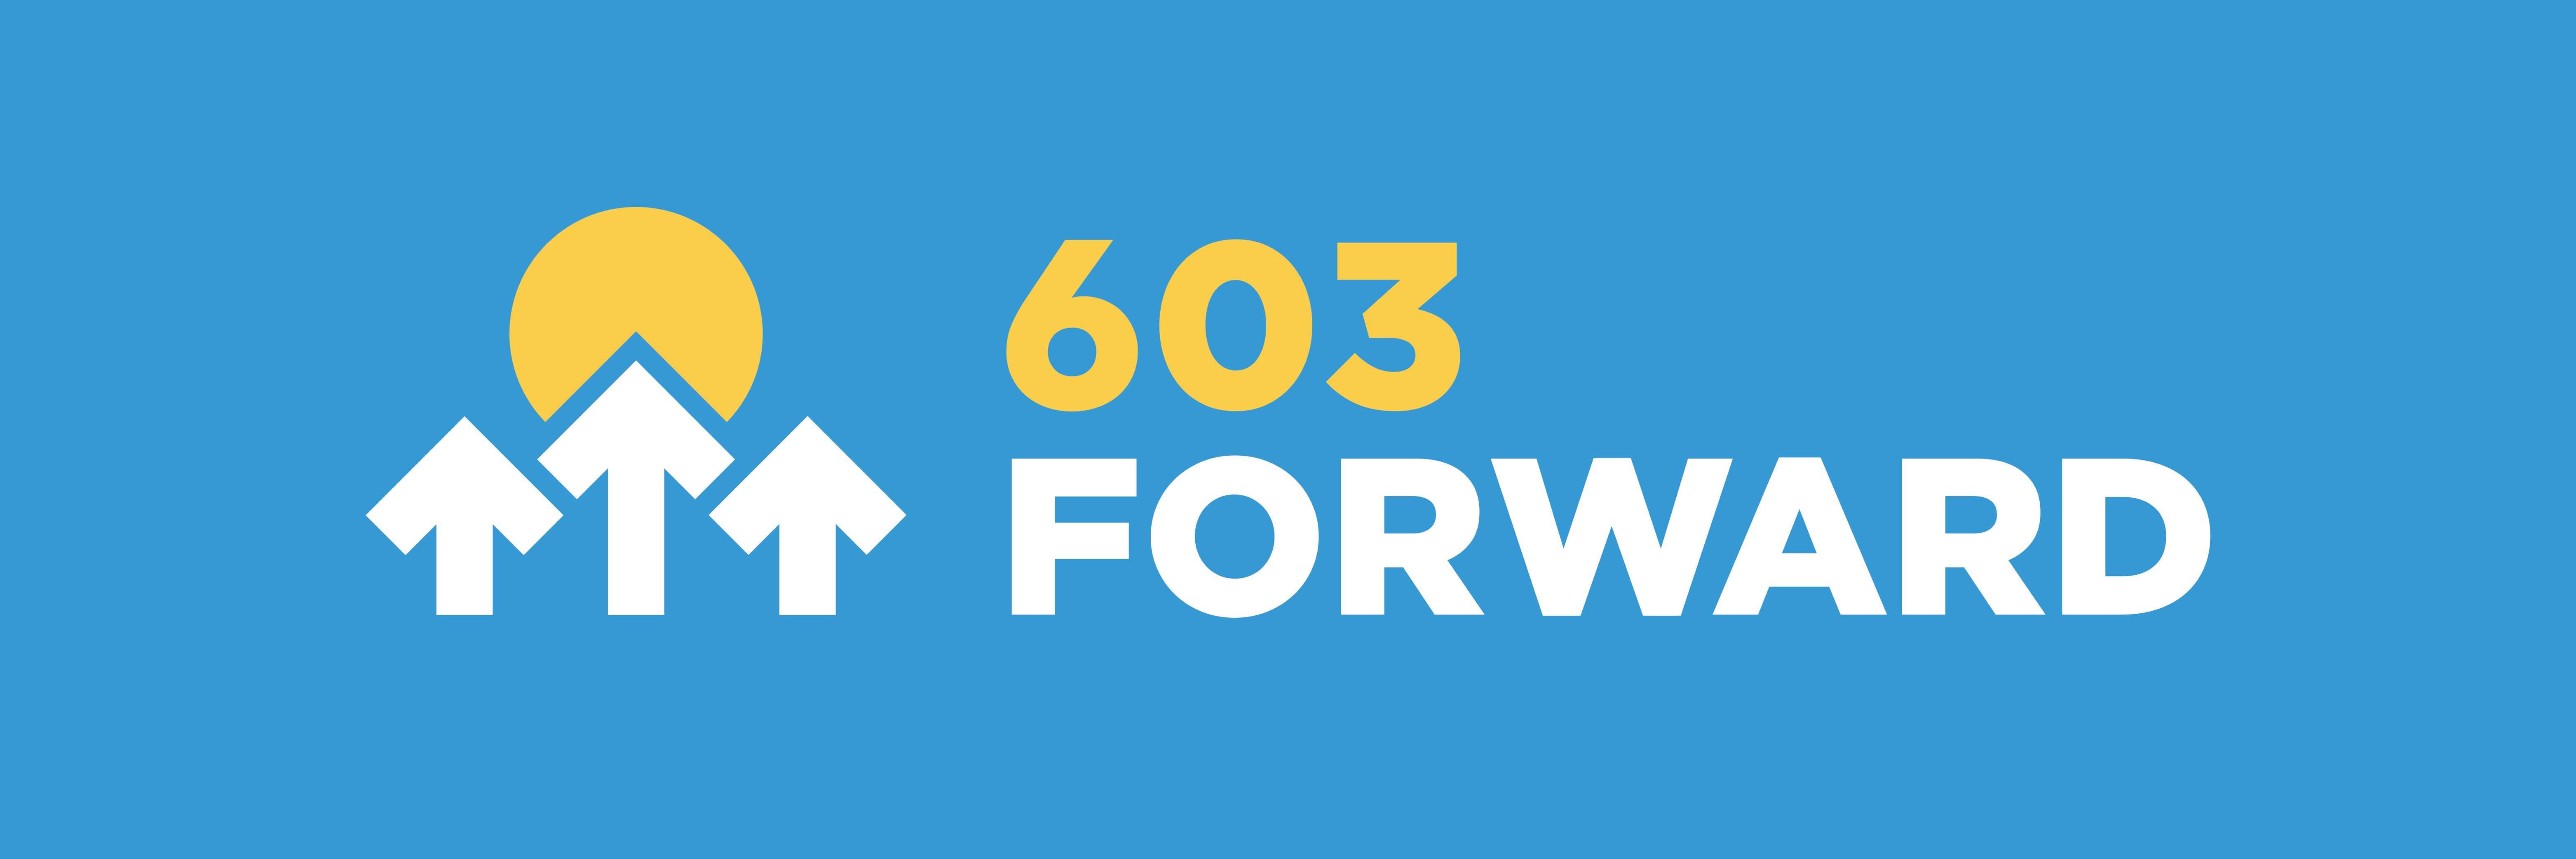 603 Forward